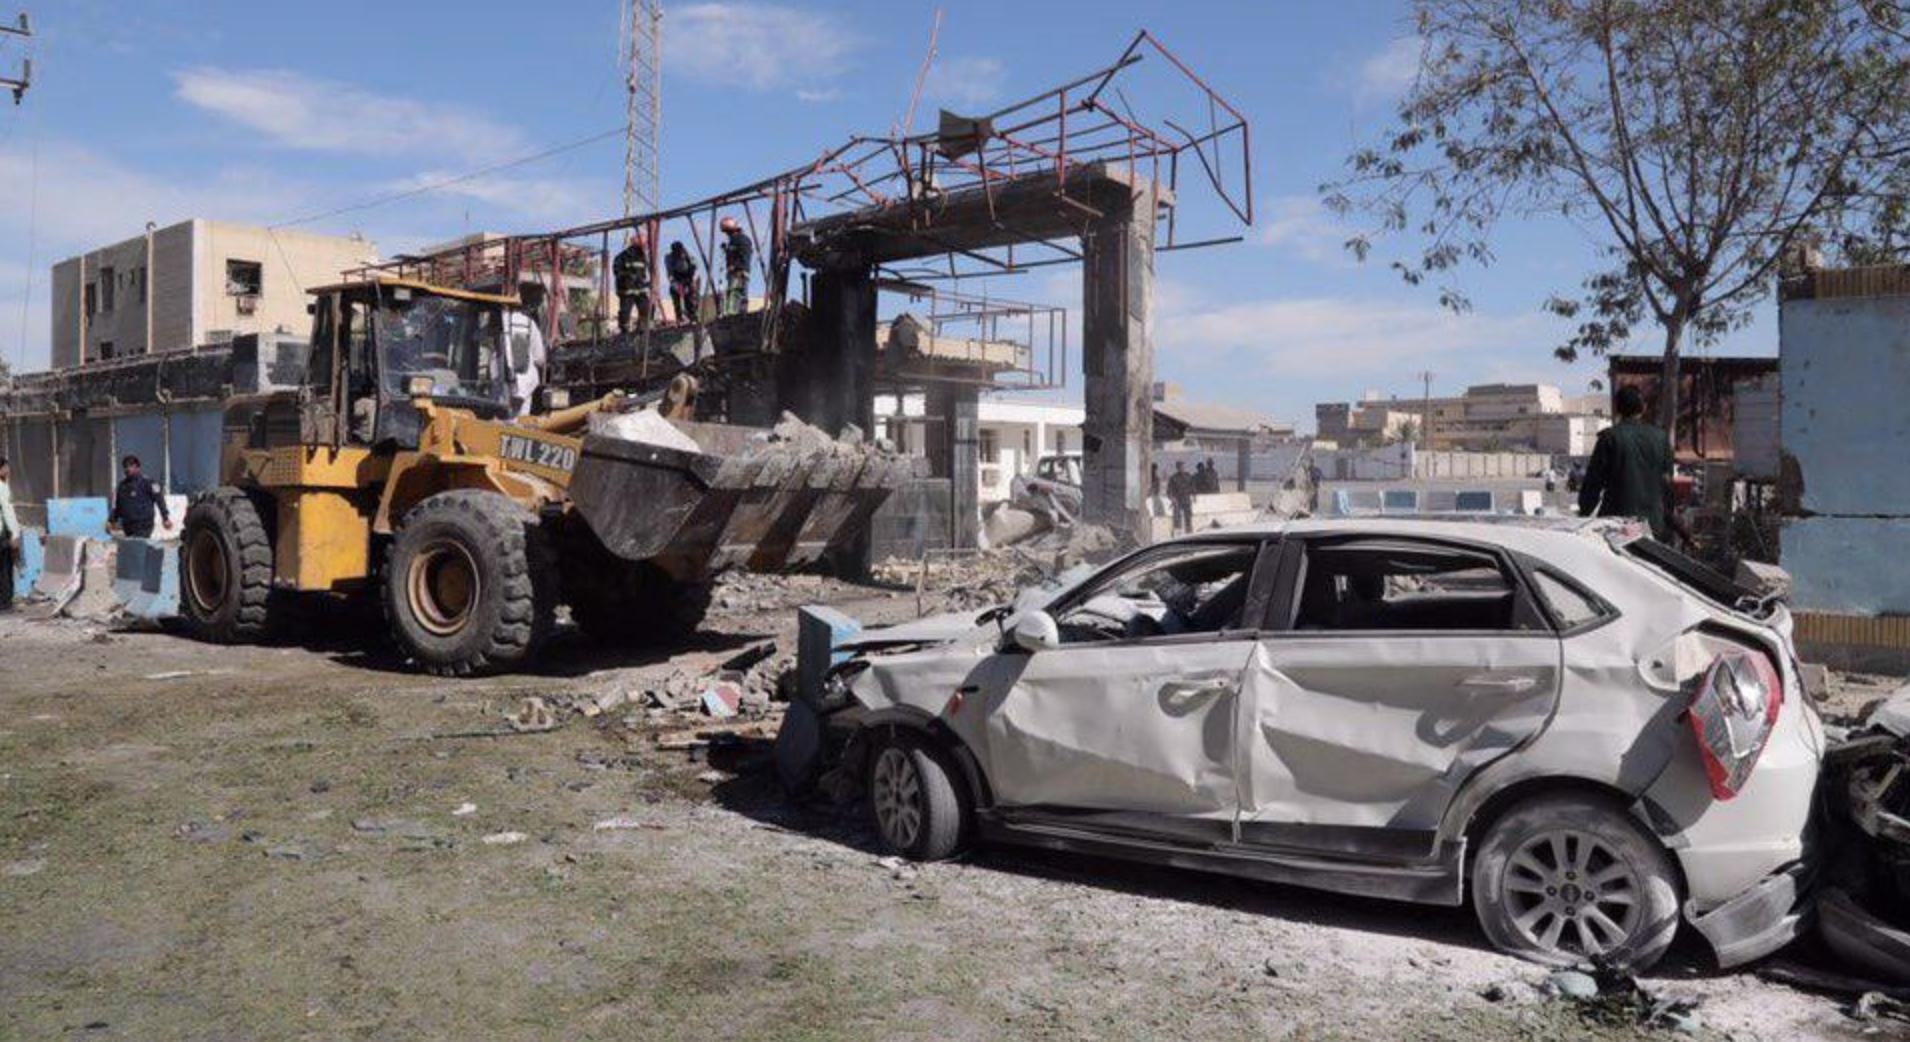 التفجير الانتحاري في إيران - صورة ارشيفية